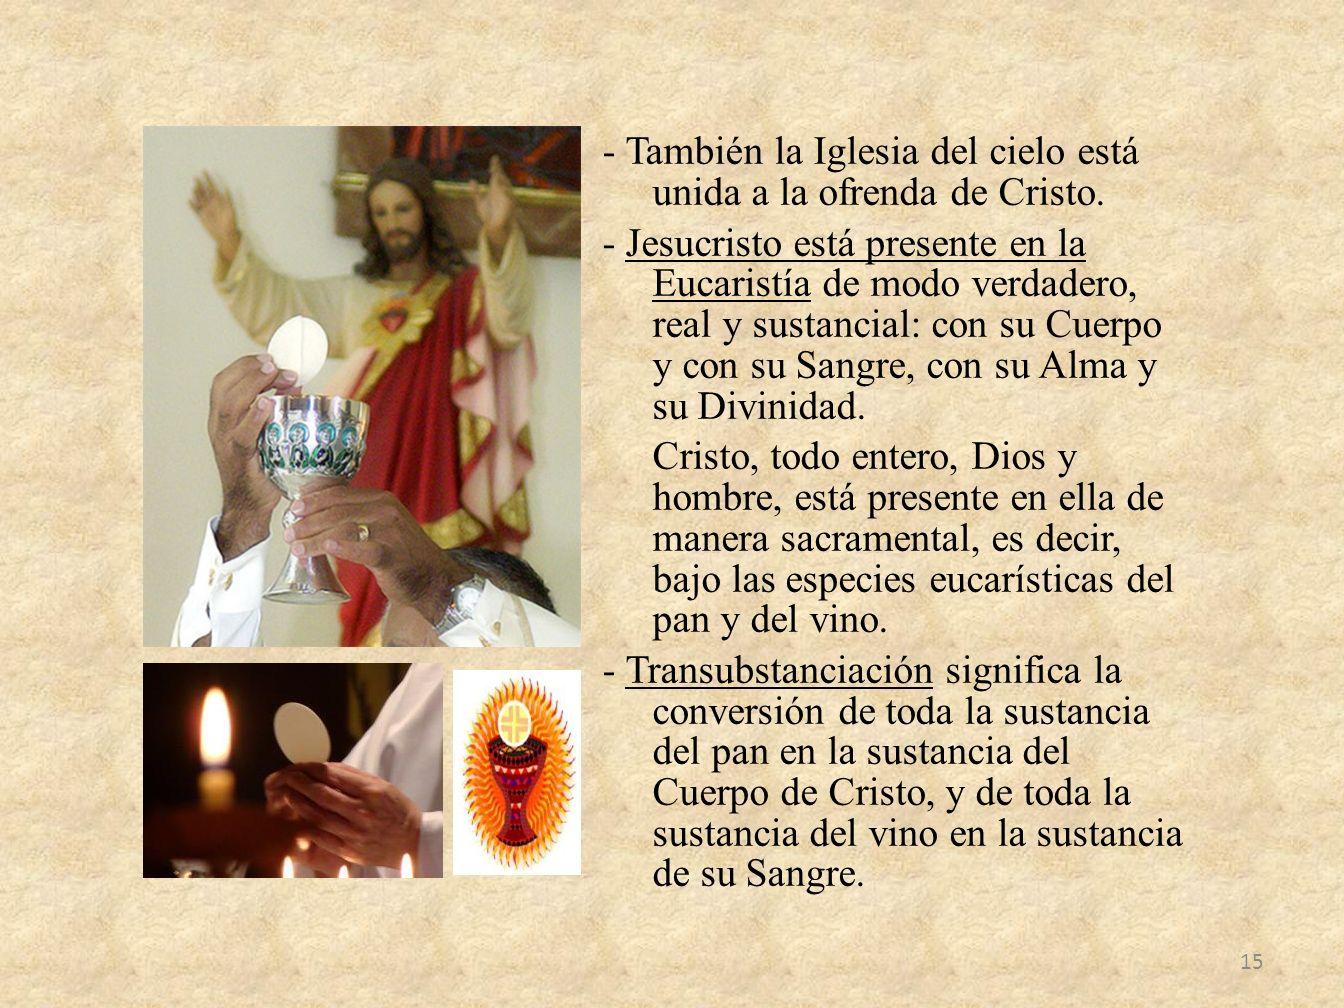 - También la Iglesia del cielo está unida a la ofrenda de Cristo. - Jesucristo está presente en la Eucaristía de modo verdadero, real y sustancial: co